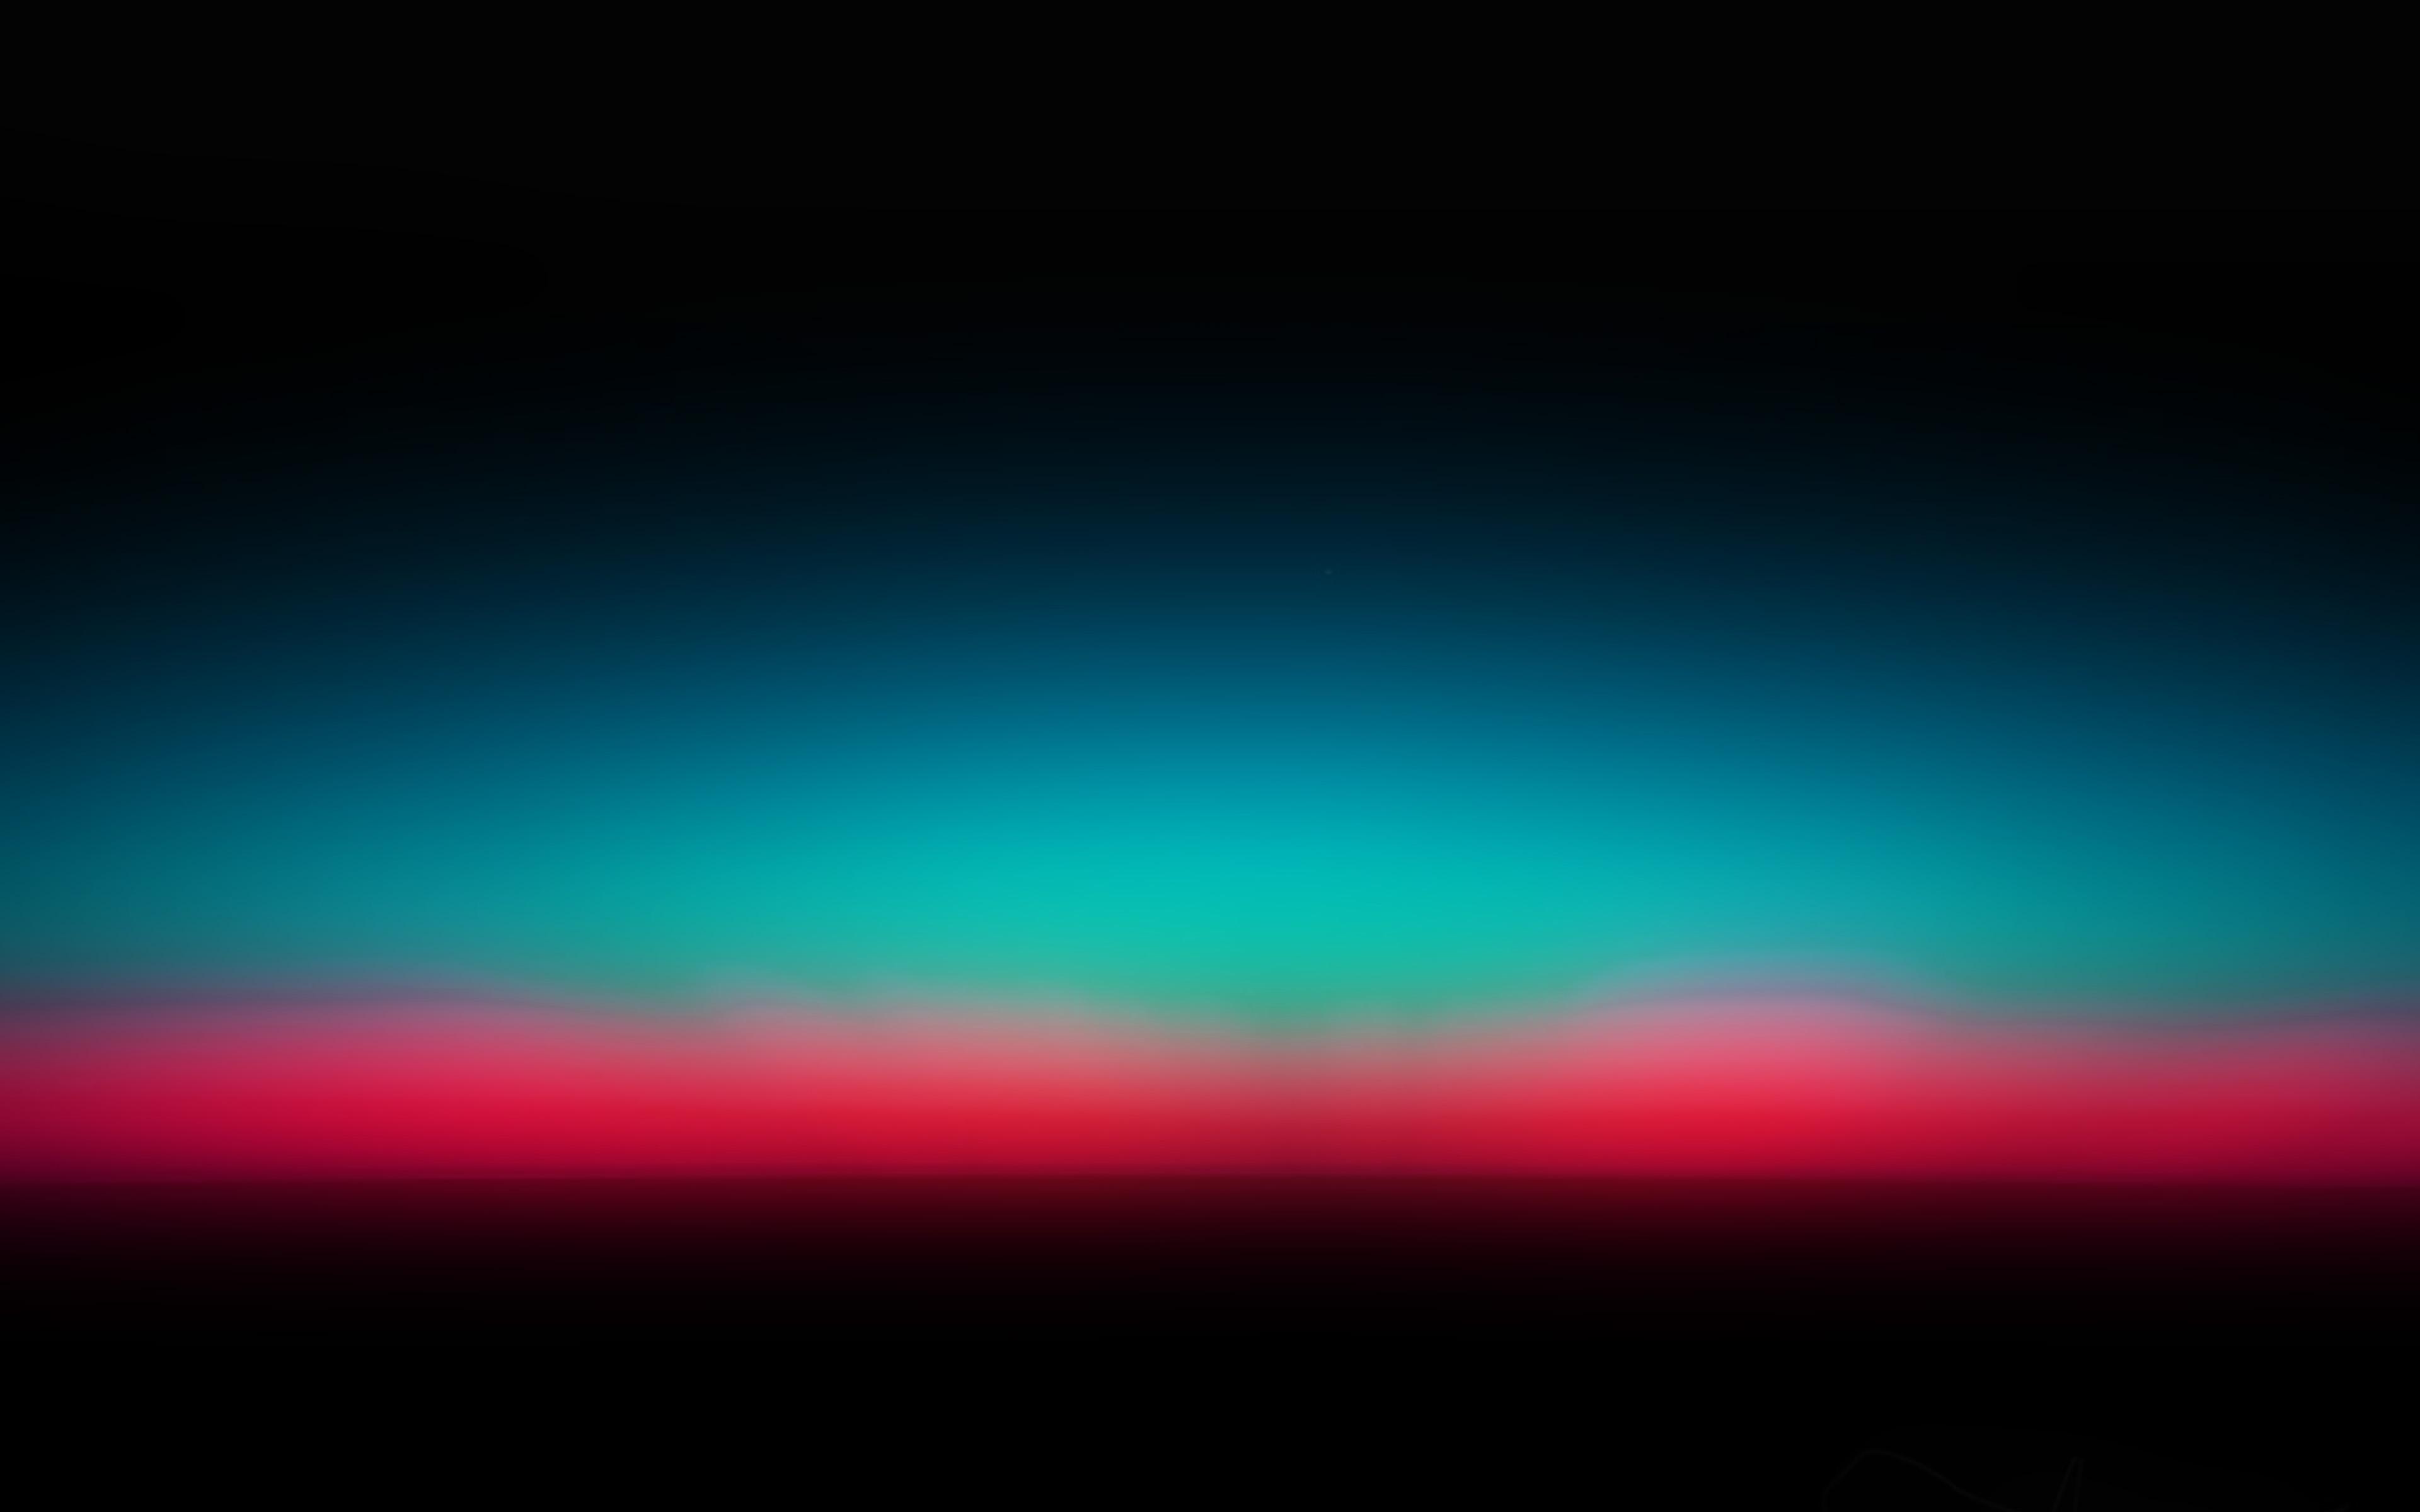 Cute Pink Apple Wallpapers Sk36 Sunset Dark Red Green Horizontal Blur Gradation Wallpaper